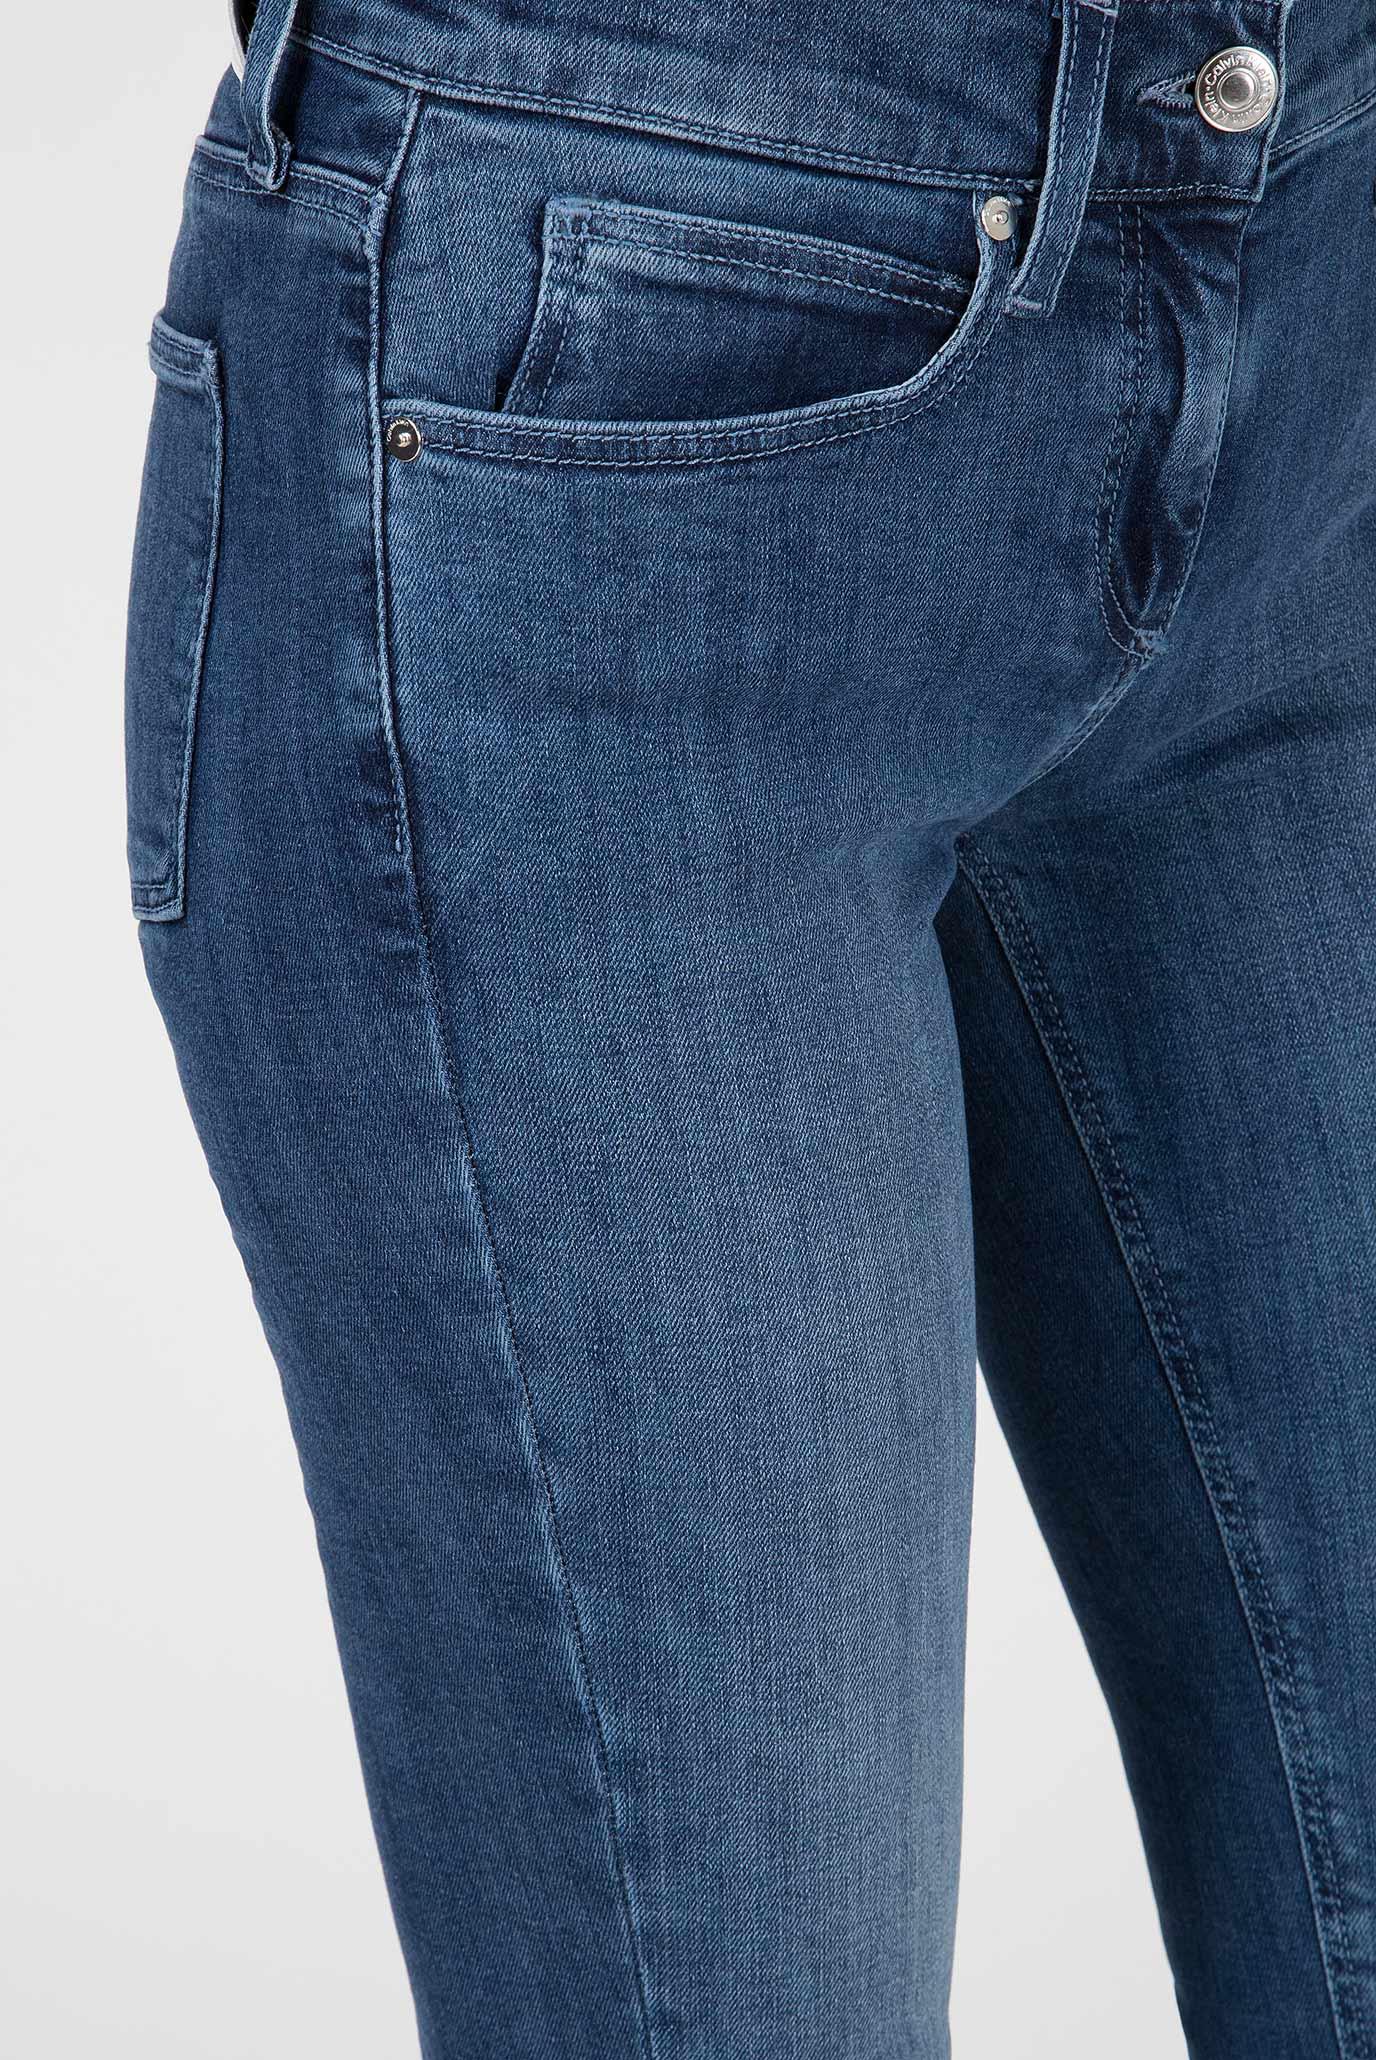 Купить Женские синие джинсы SKINNY Calvin Klein Calvin Klein K20K200601 – Киев, Украина. Цены в интернет магазине MD Fashion